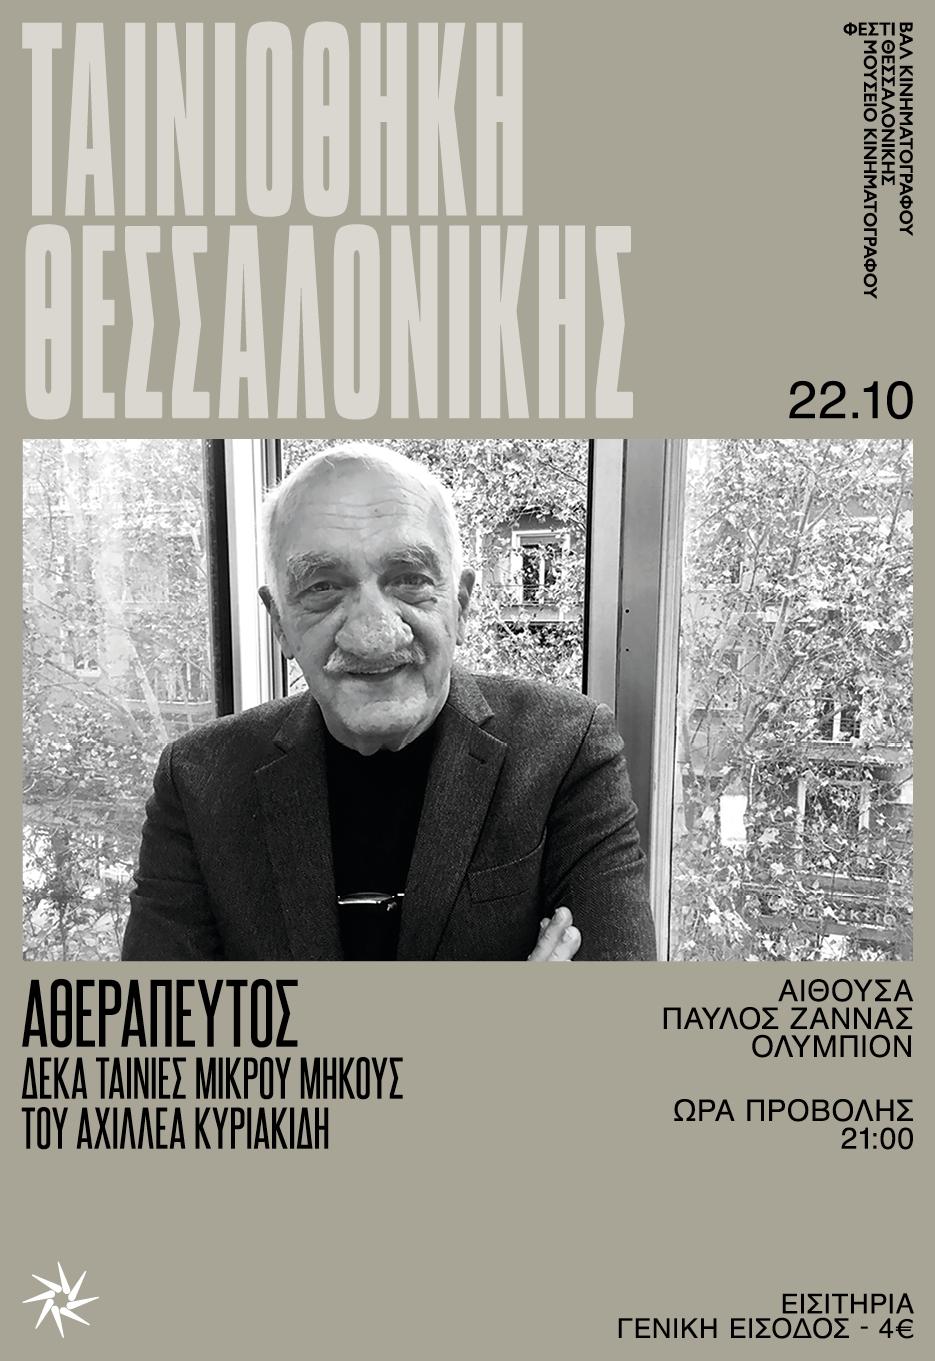 Αφιέρωμα της Ταινιοθήκης Θεσσαλονίκης στον Αχιλλέα Κυριακίδη